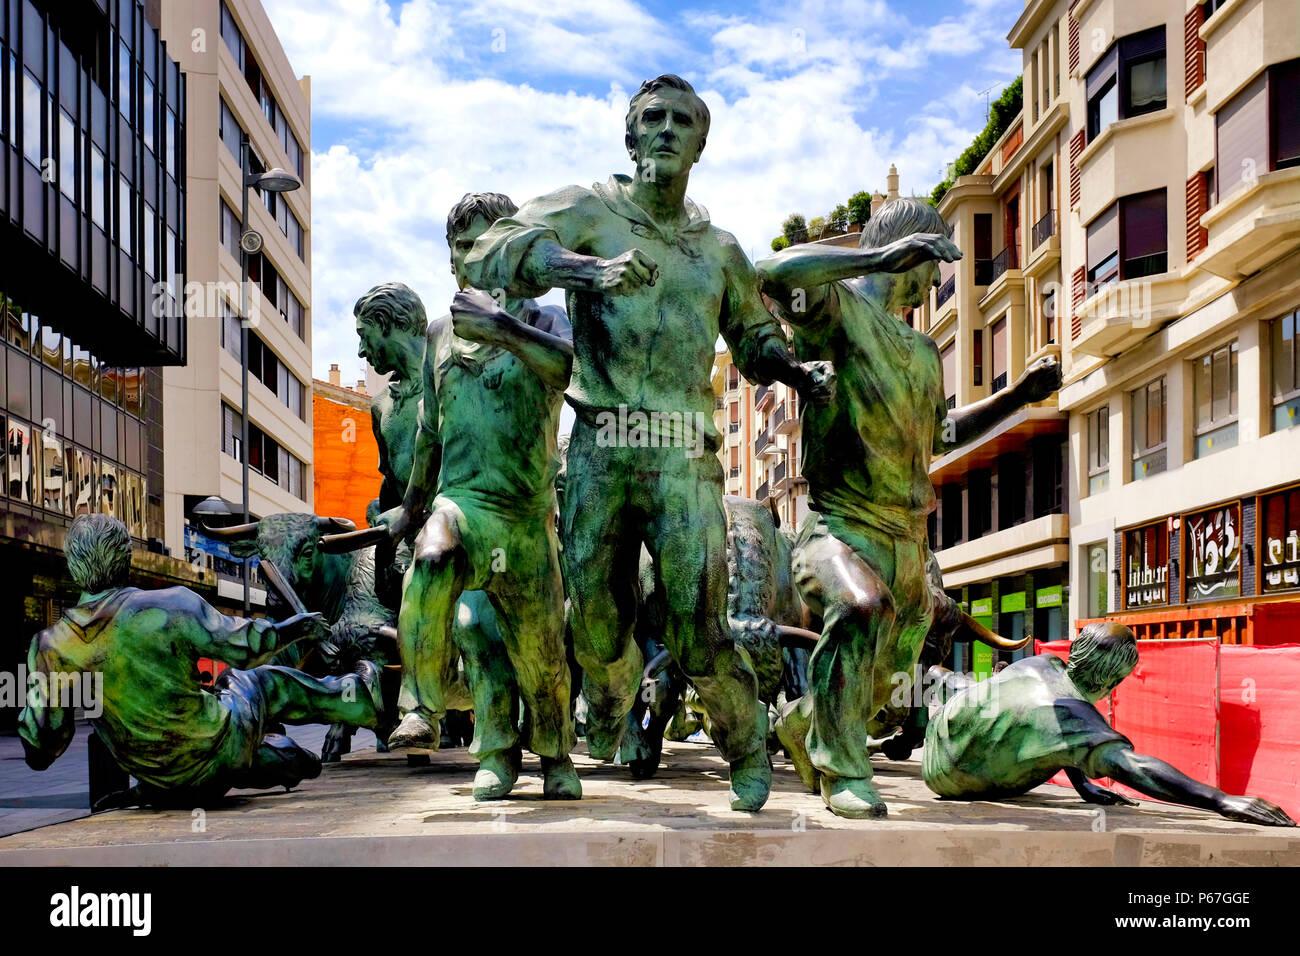 Monumento al Encierro, Pamplona, Navarra, Spain Stock Photo